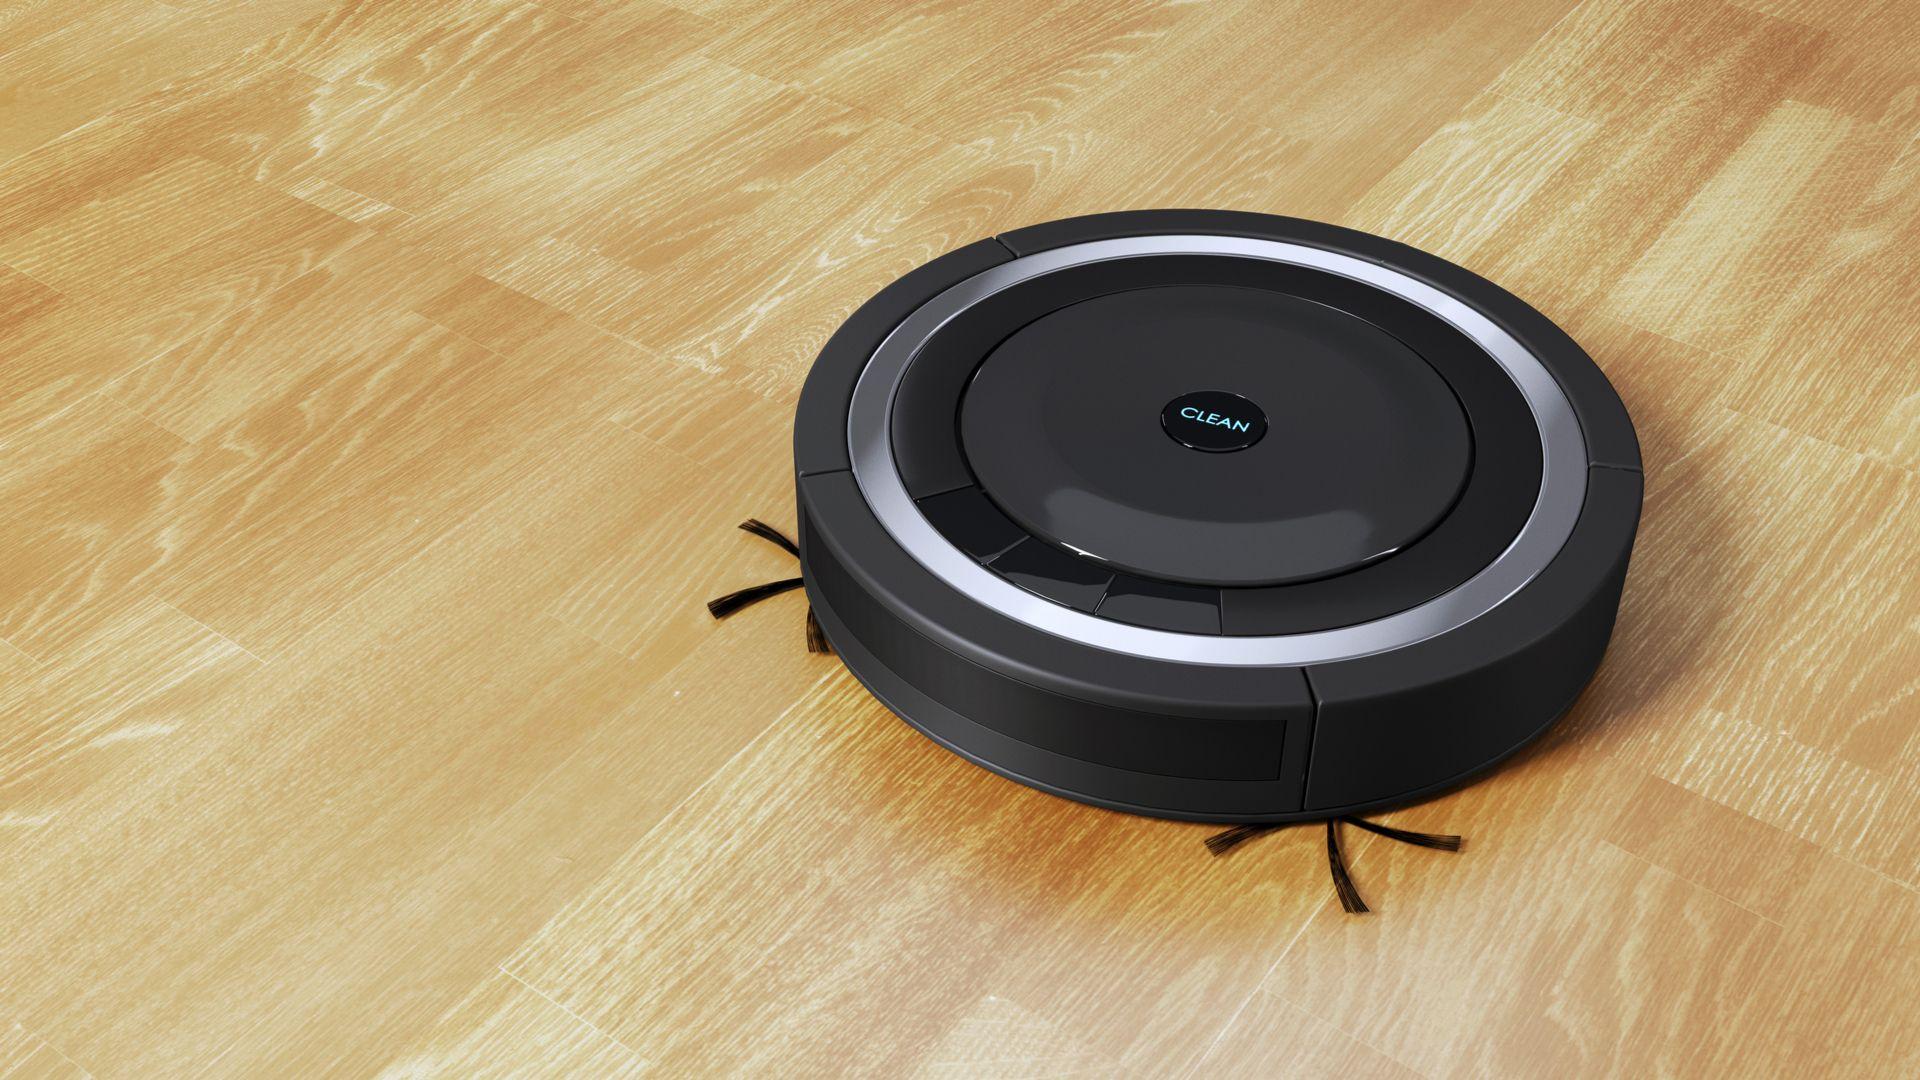 Os aspirador de pó robô vem com mini cerdas para limpeza de cantos e frestas. (Imagem: ParamePrizma/Shutterstock)